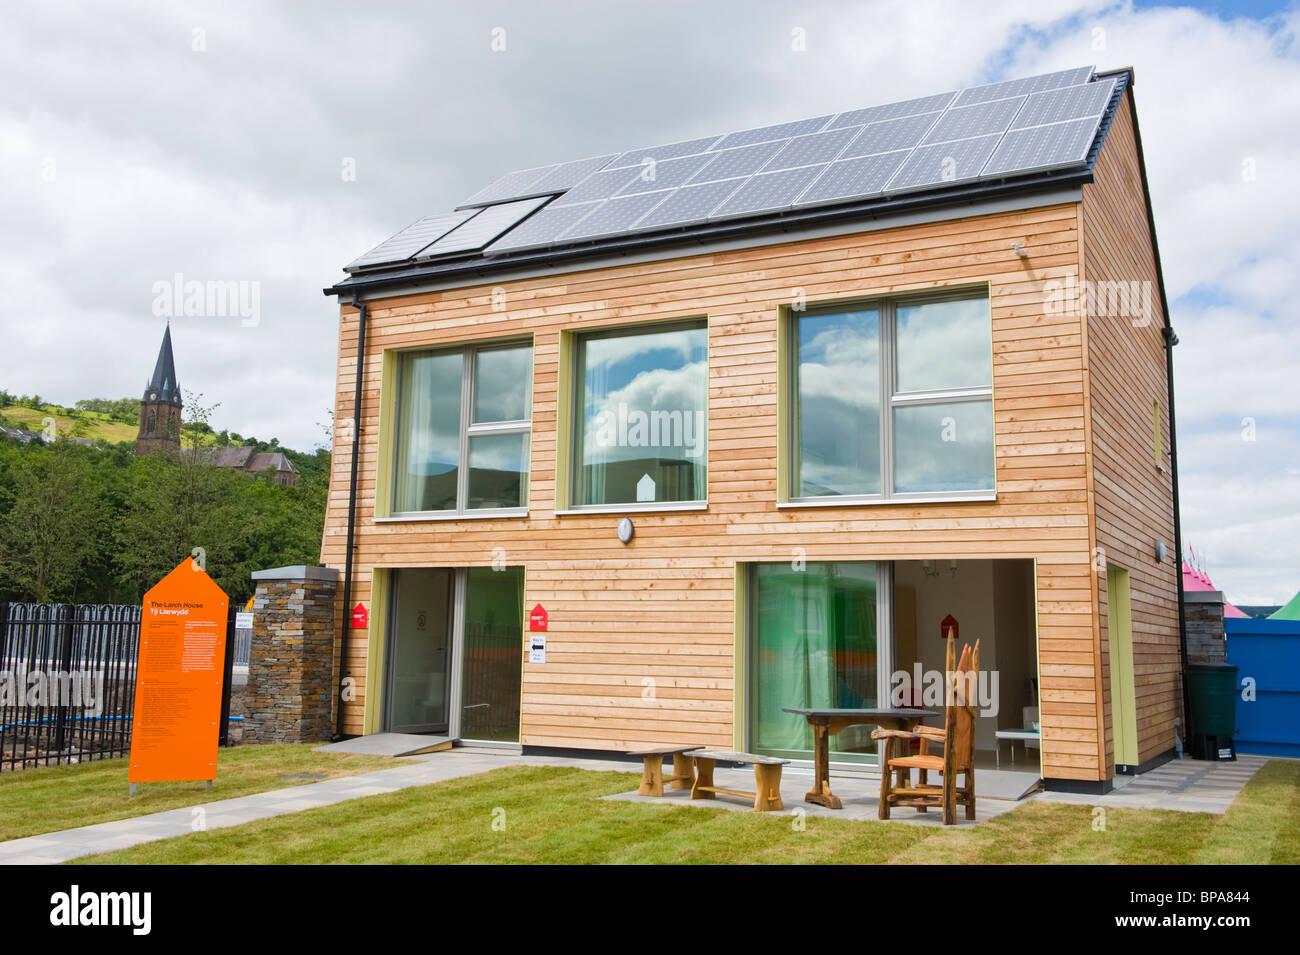 Holz verkleidet Null Kohlenstoff Passivhaus mit dreifach verglaste Fenster & Dach bedeckt mit Solarzellen für Stockbild